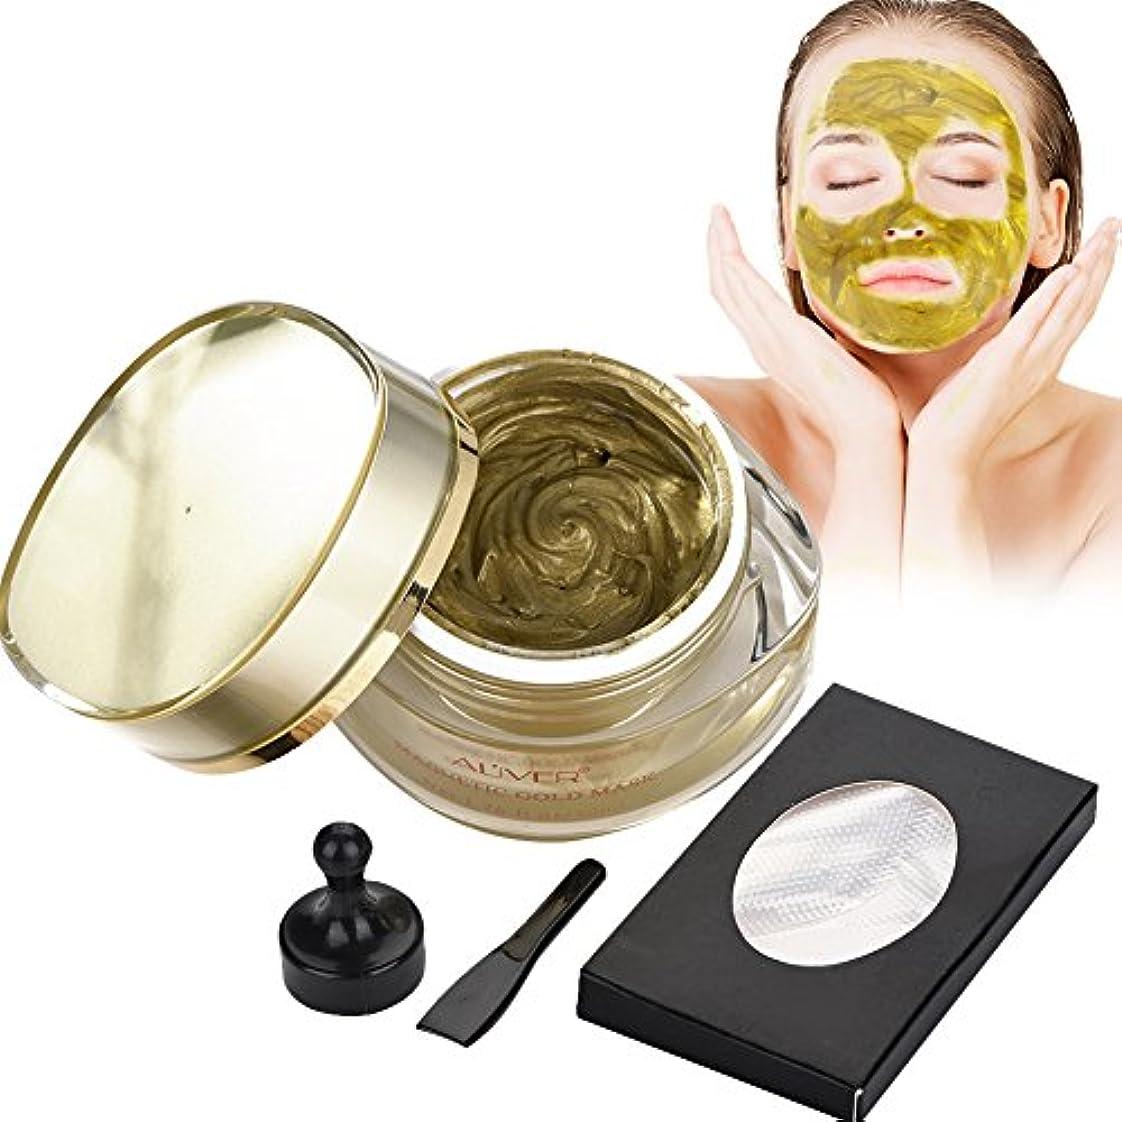 封建花輪ナンセンス磁気ゴールドマスク、フェイシャルスキンケア 自然成分 ミネラルリッチ ディープクレンジングポア 人気があり